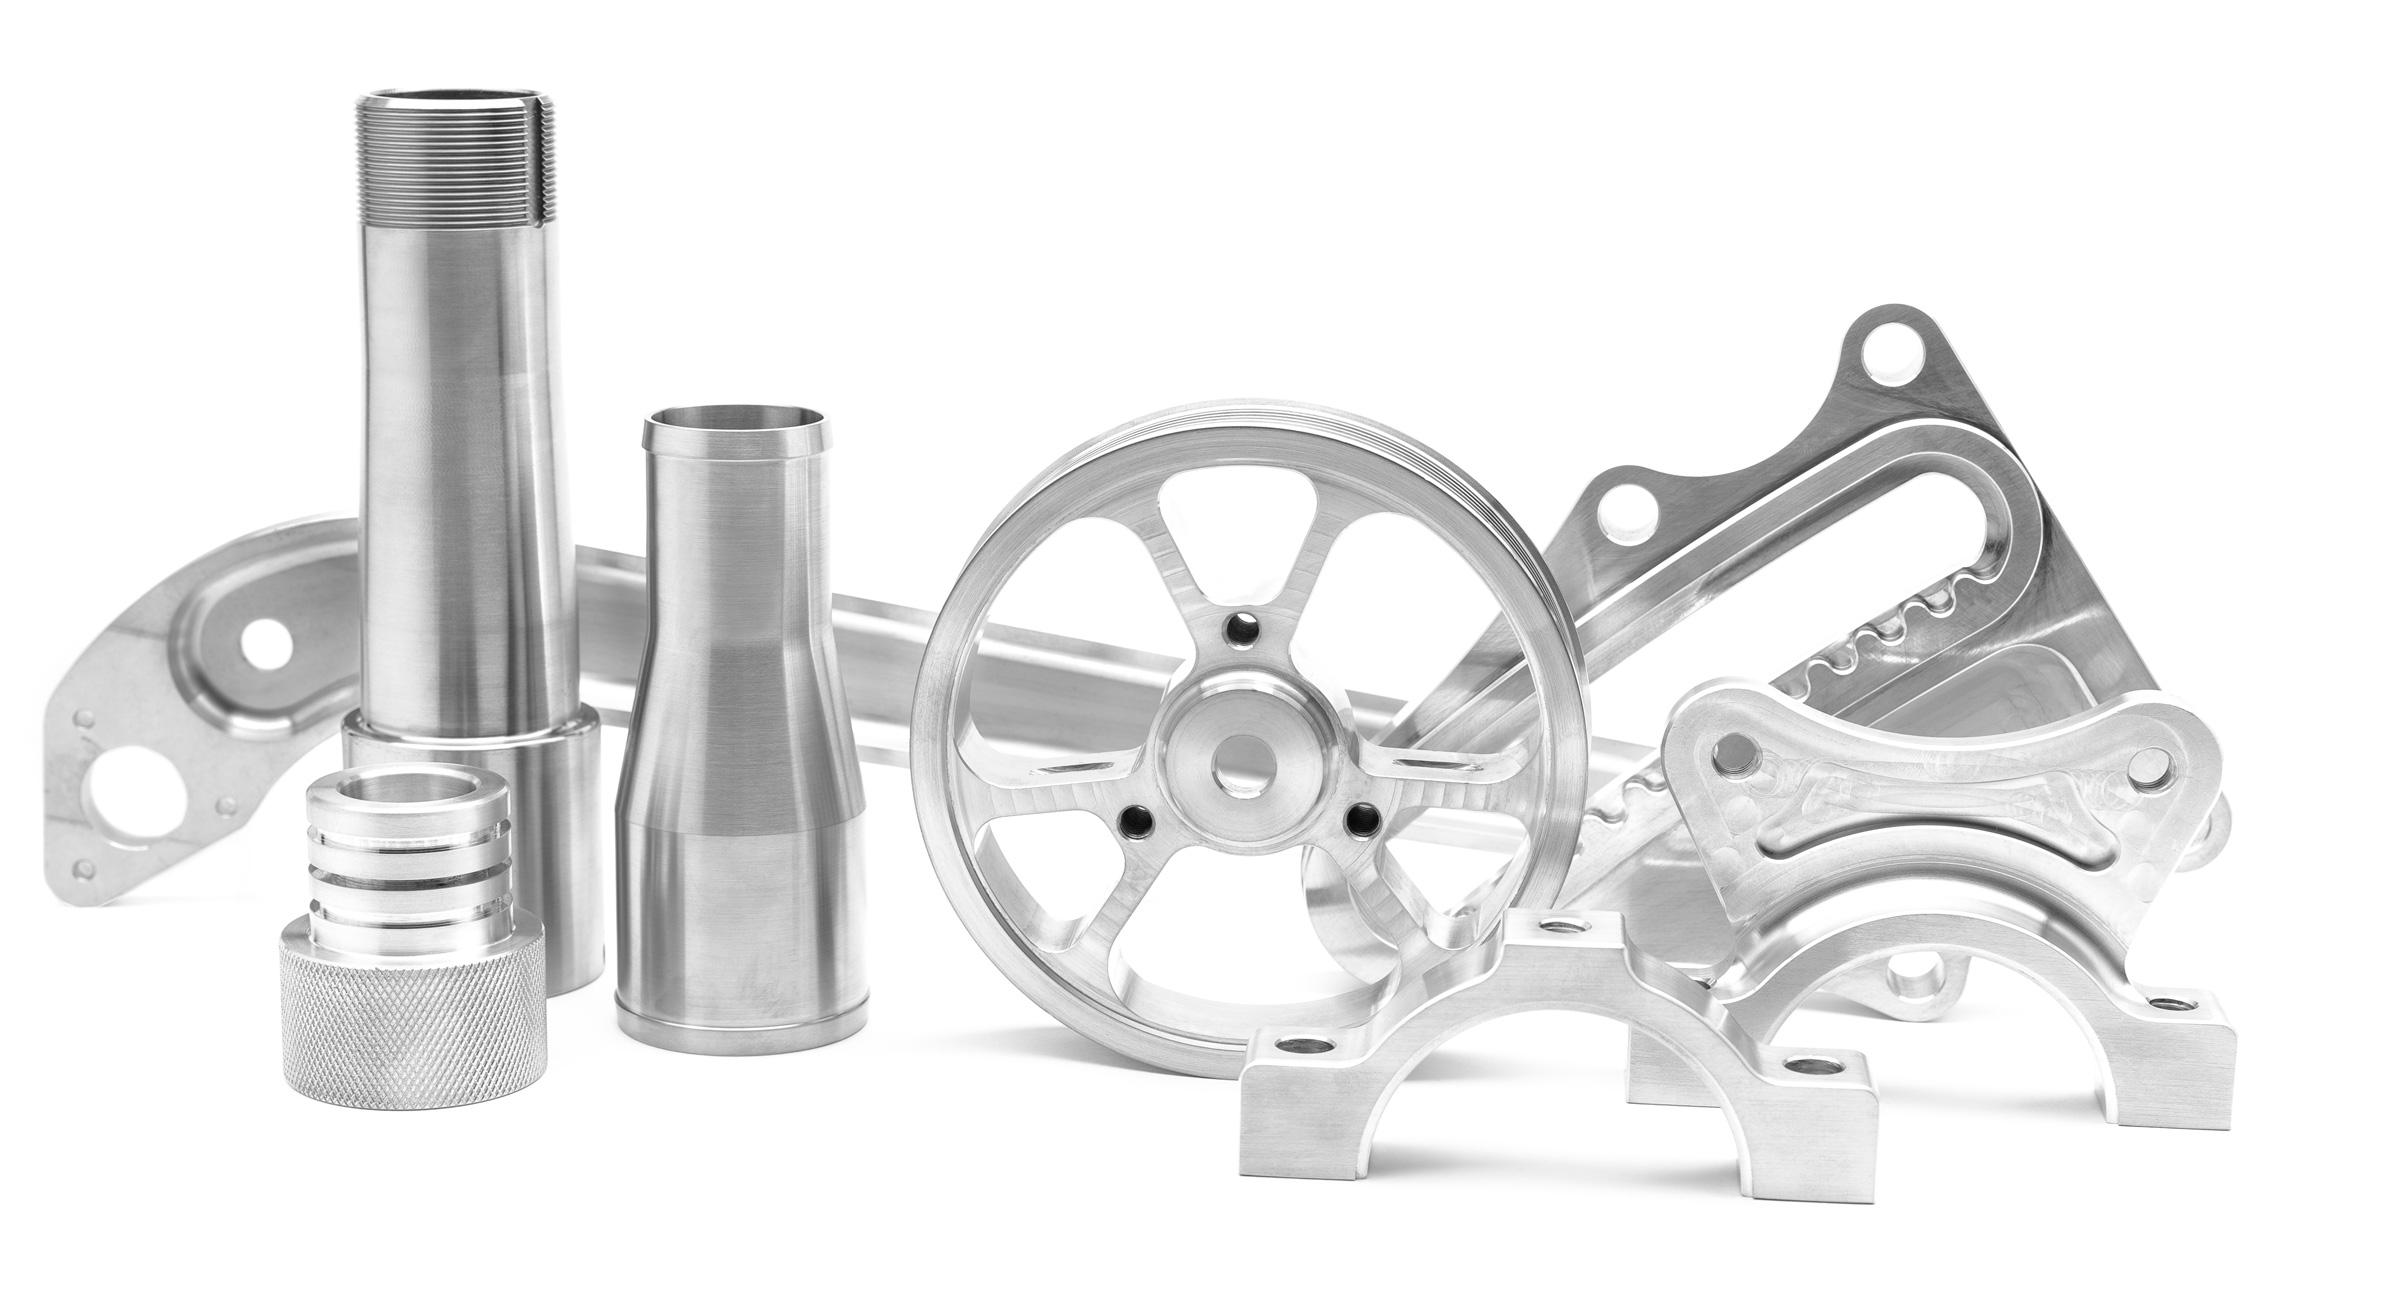 CNC Part Design & Development